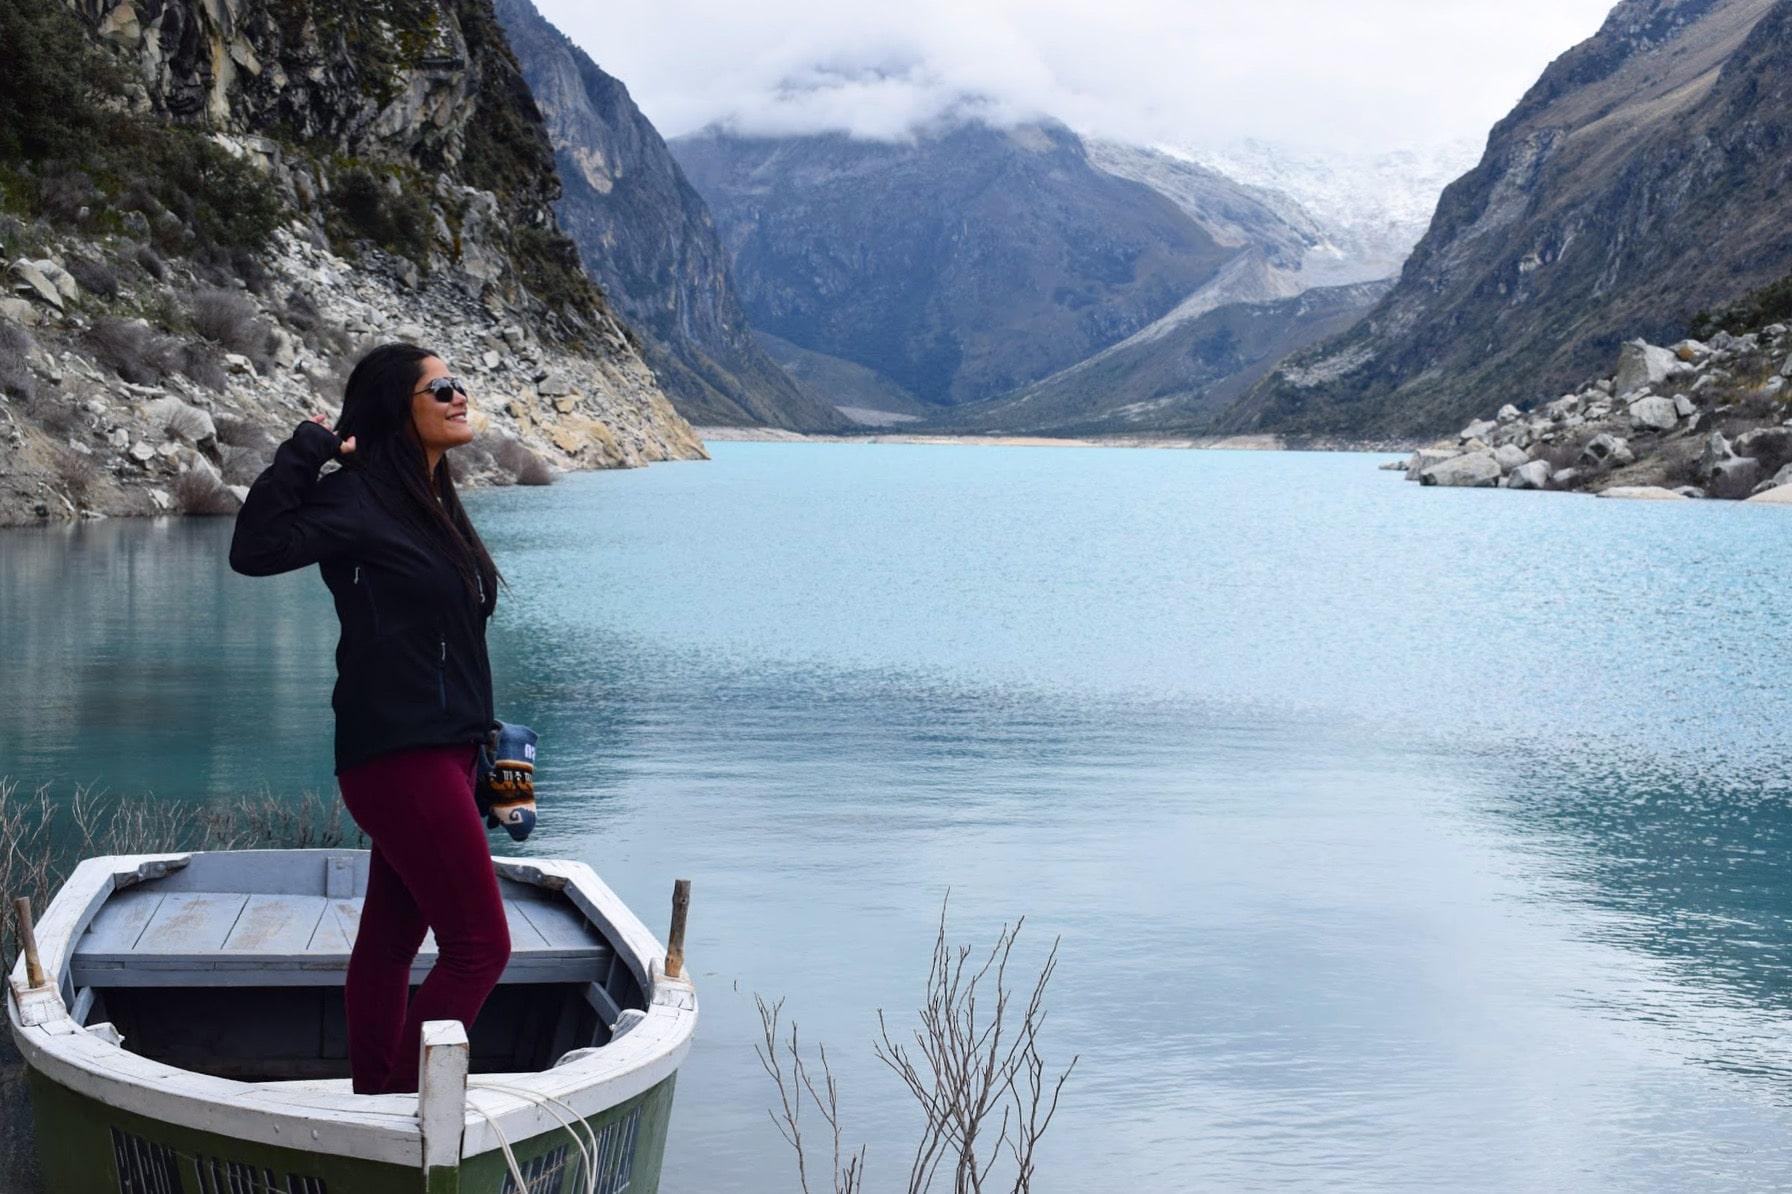 mulher morena em um barco a remo em um lago azul